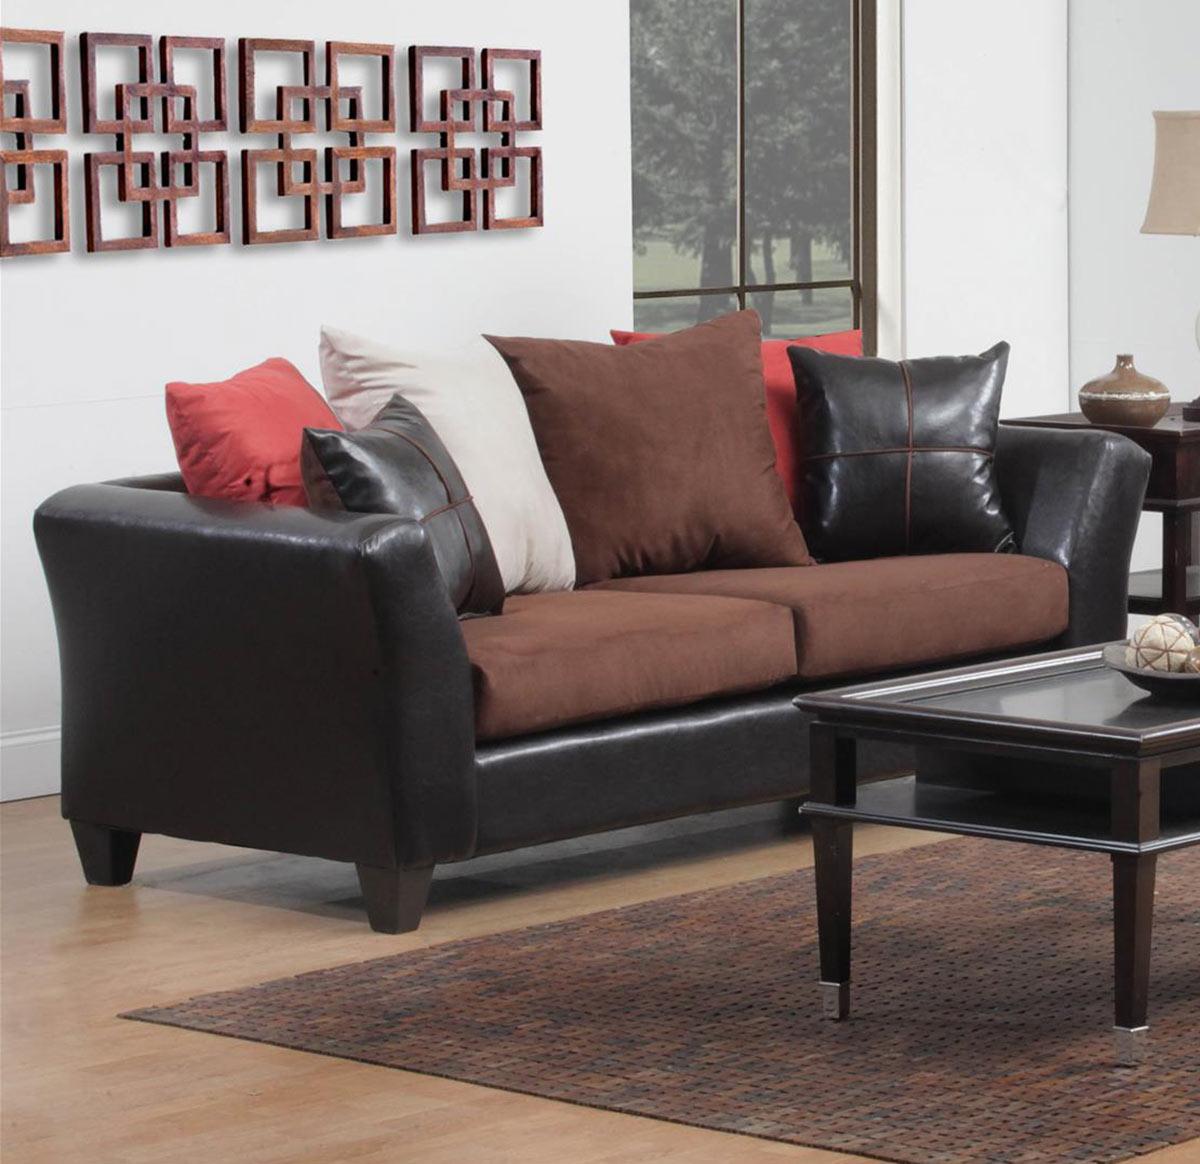 Chelsea Home 424170-07S Cira Sofa Set - Chocolate